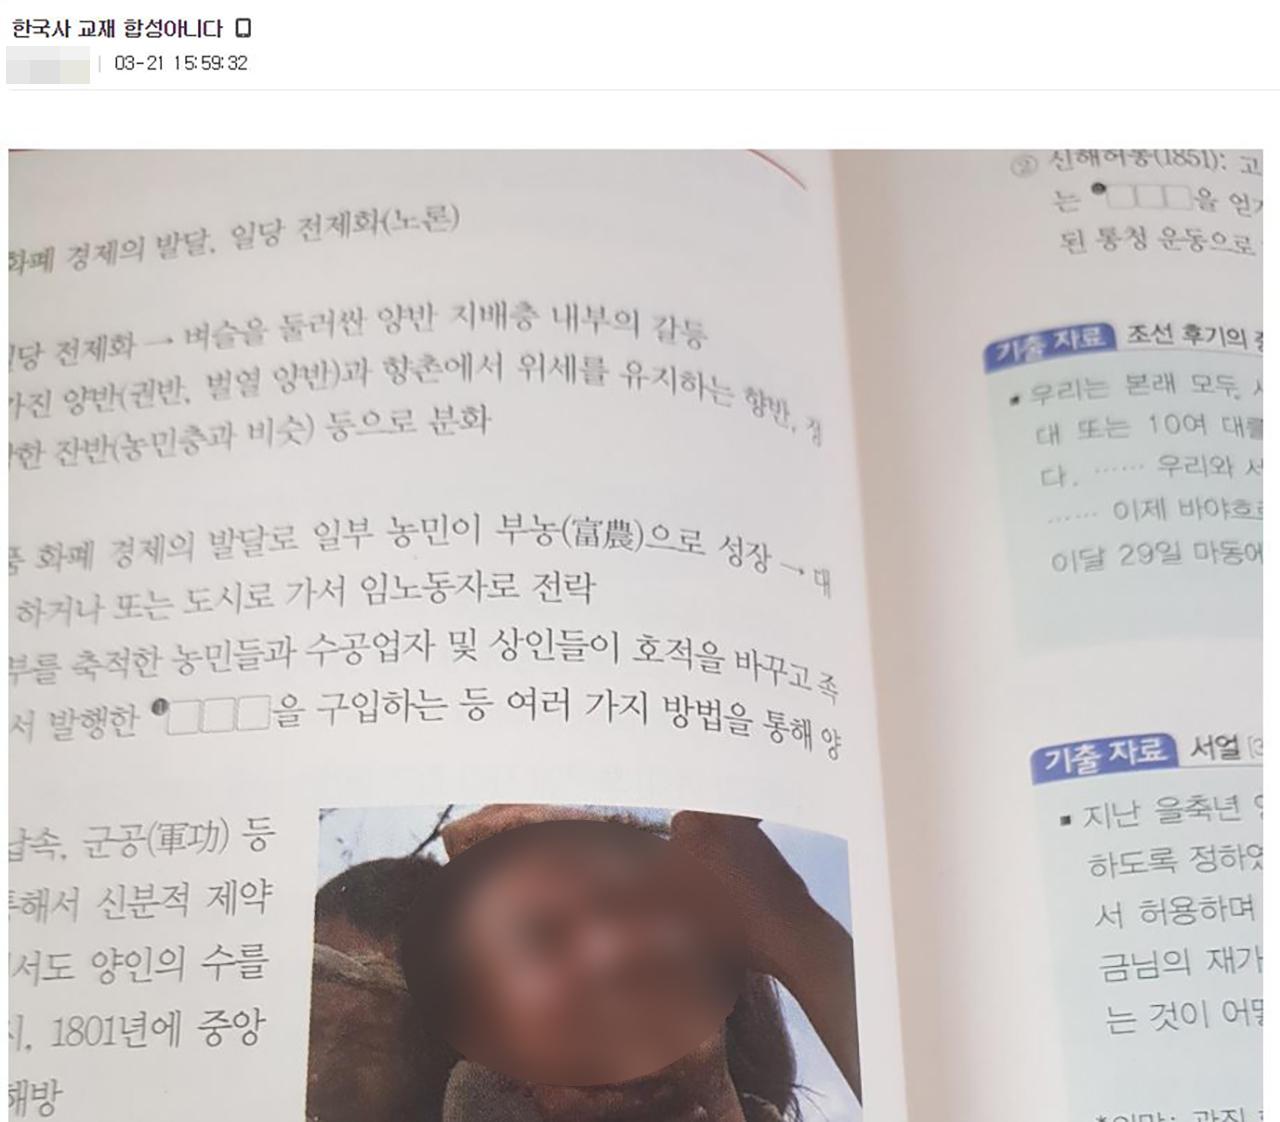 """교학사, 노무현 전 대통령 비하 사진 사과 """"편집자 실수...전량 폐기"""""""